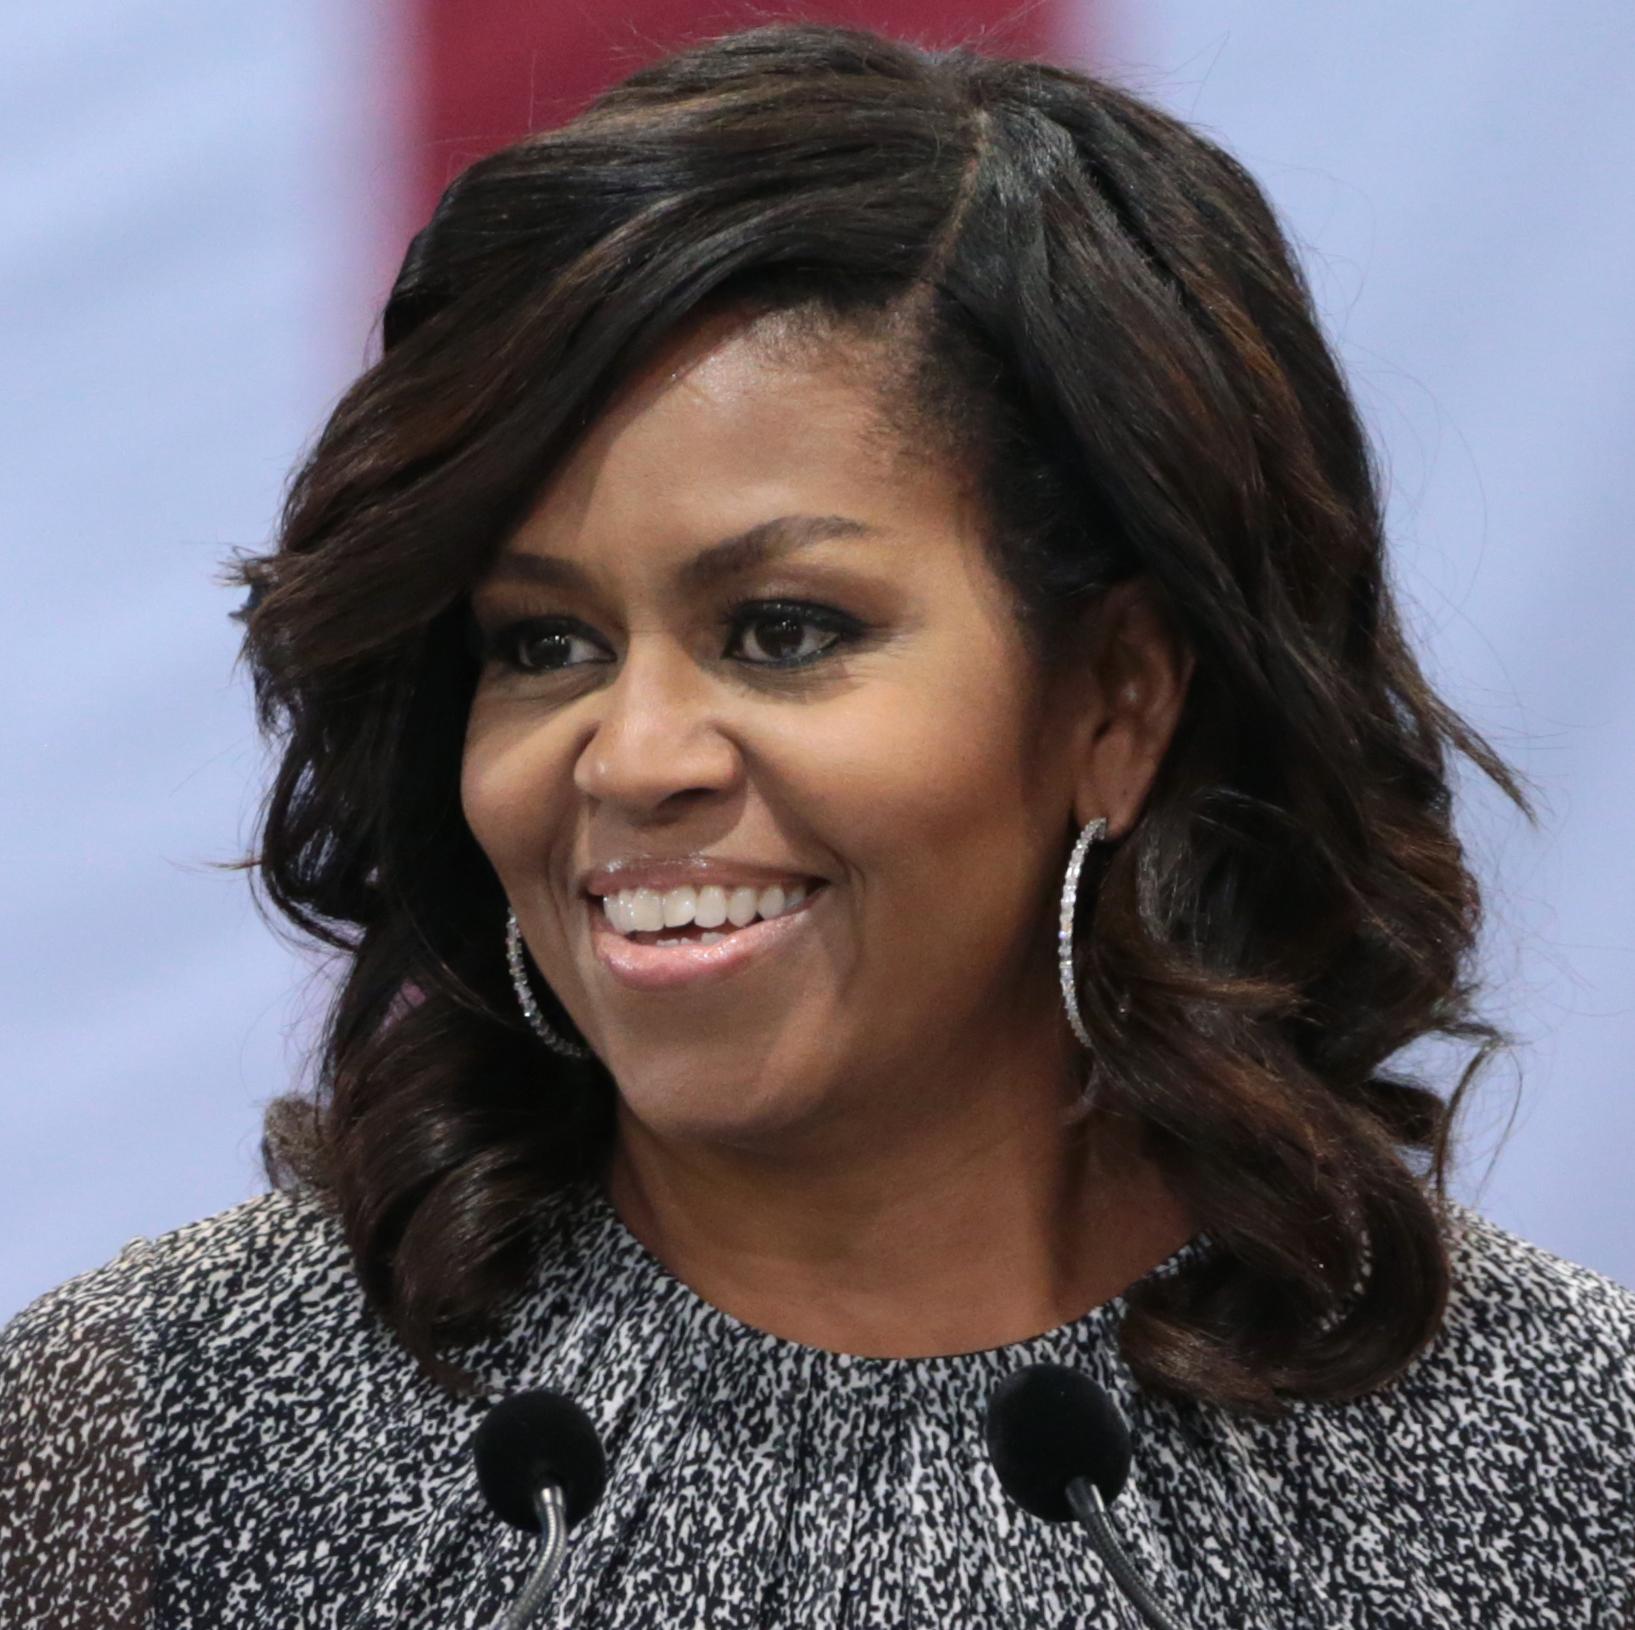 Wat hebben Michelle Obama en de overgang met elkaar te maken?